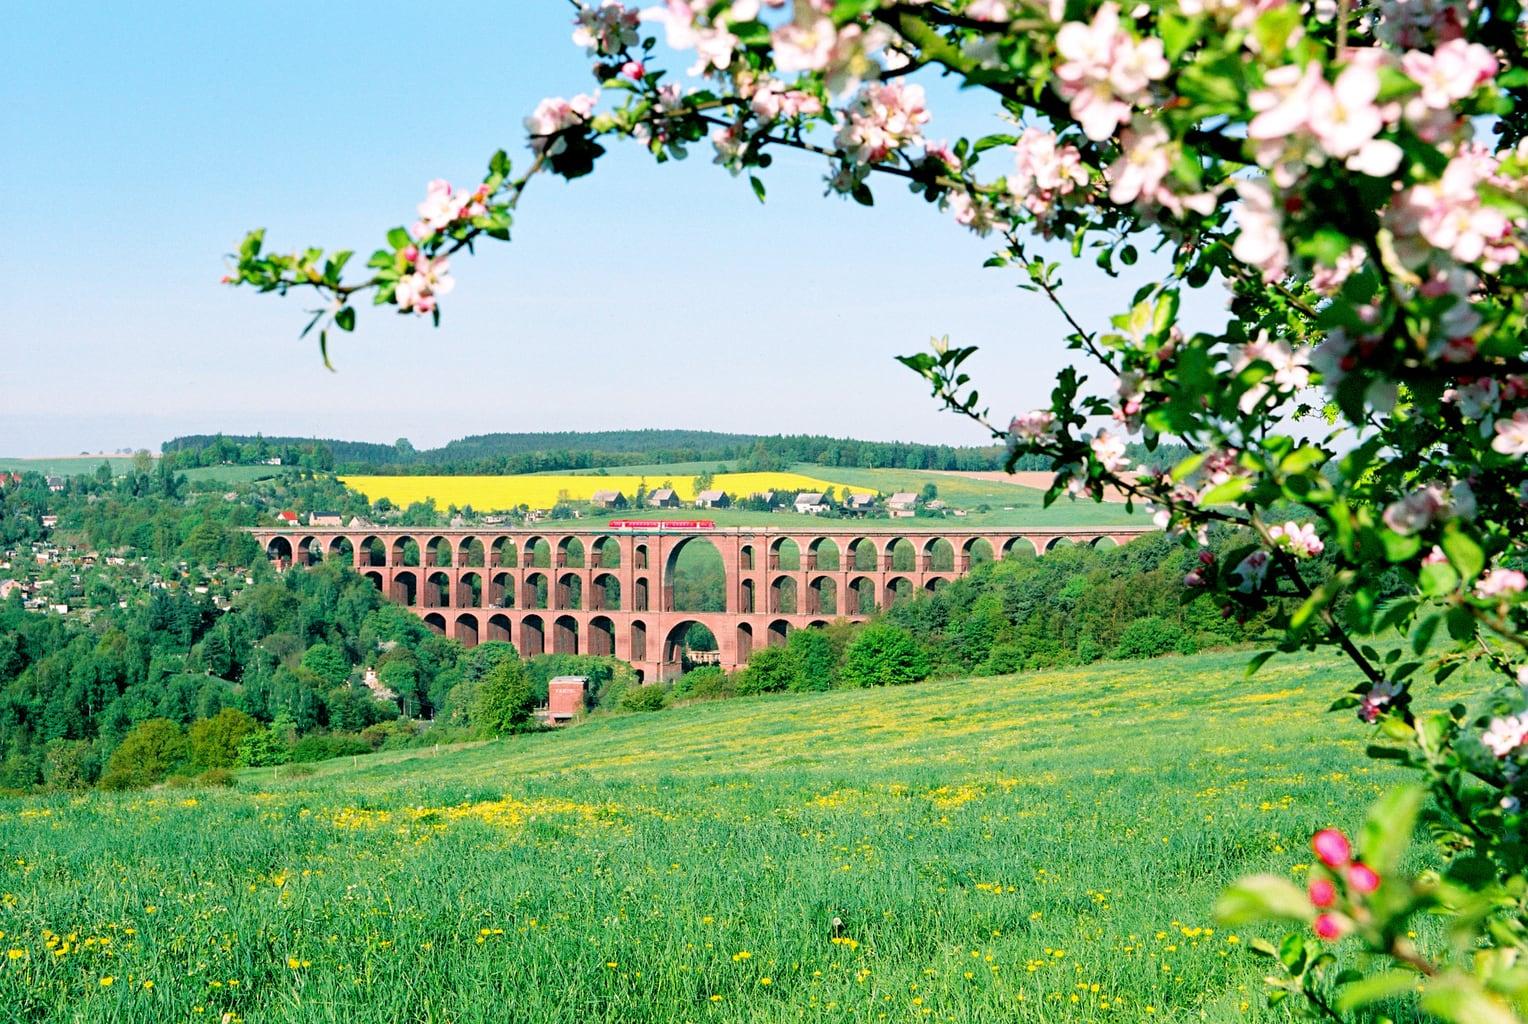 De Göltzschtalbrug in Saksen is de langste spoorbrug van de wereld